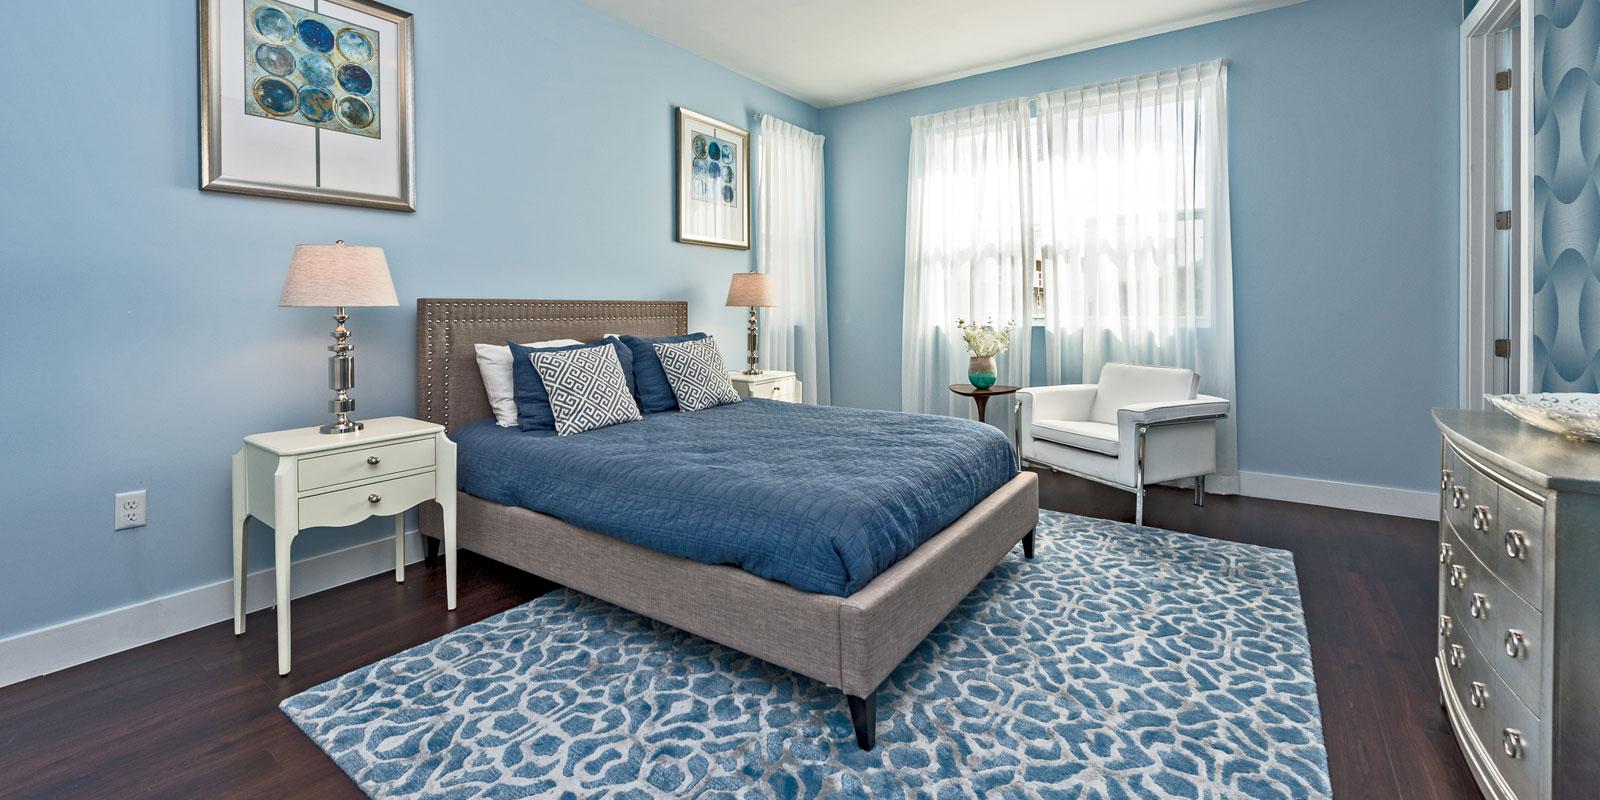 bedroom of homes for sale oakland park fl